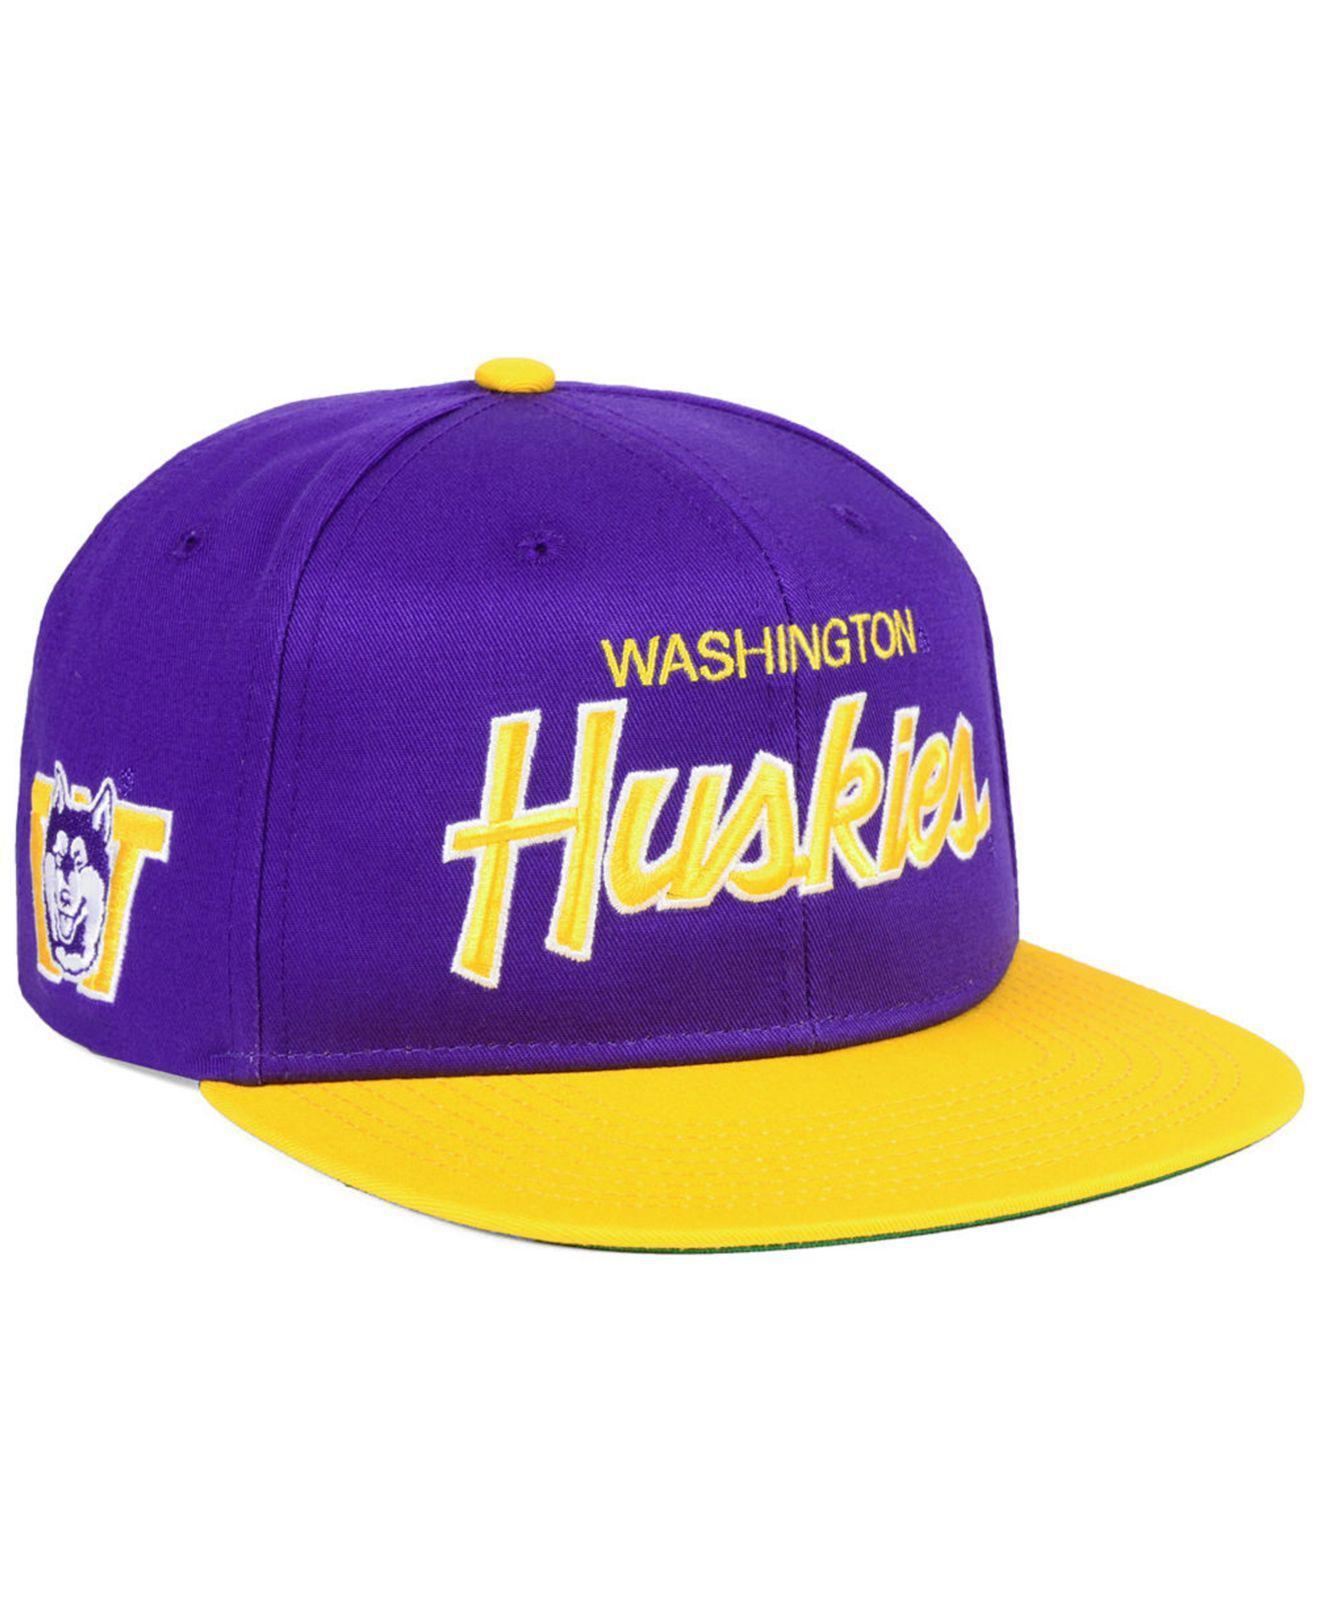 huge discount 982c5 85f02 ... coupon lyst nike washington huskies sport specialties snapback cap in  148a8 40de1